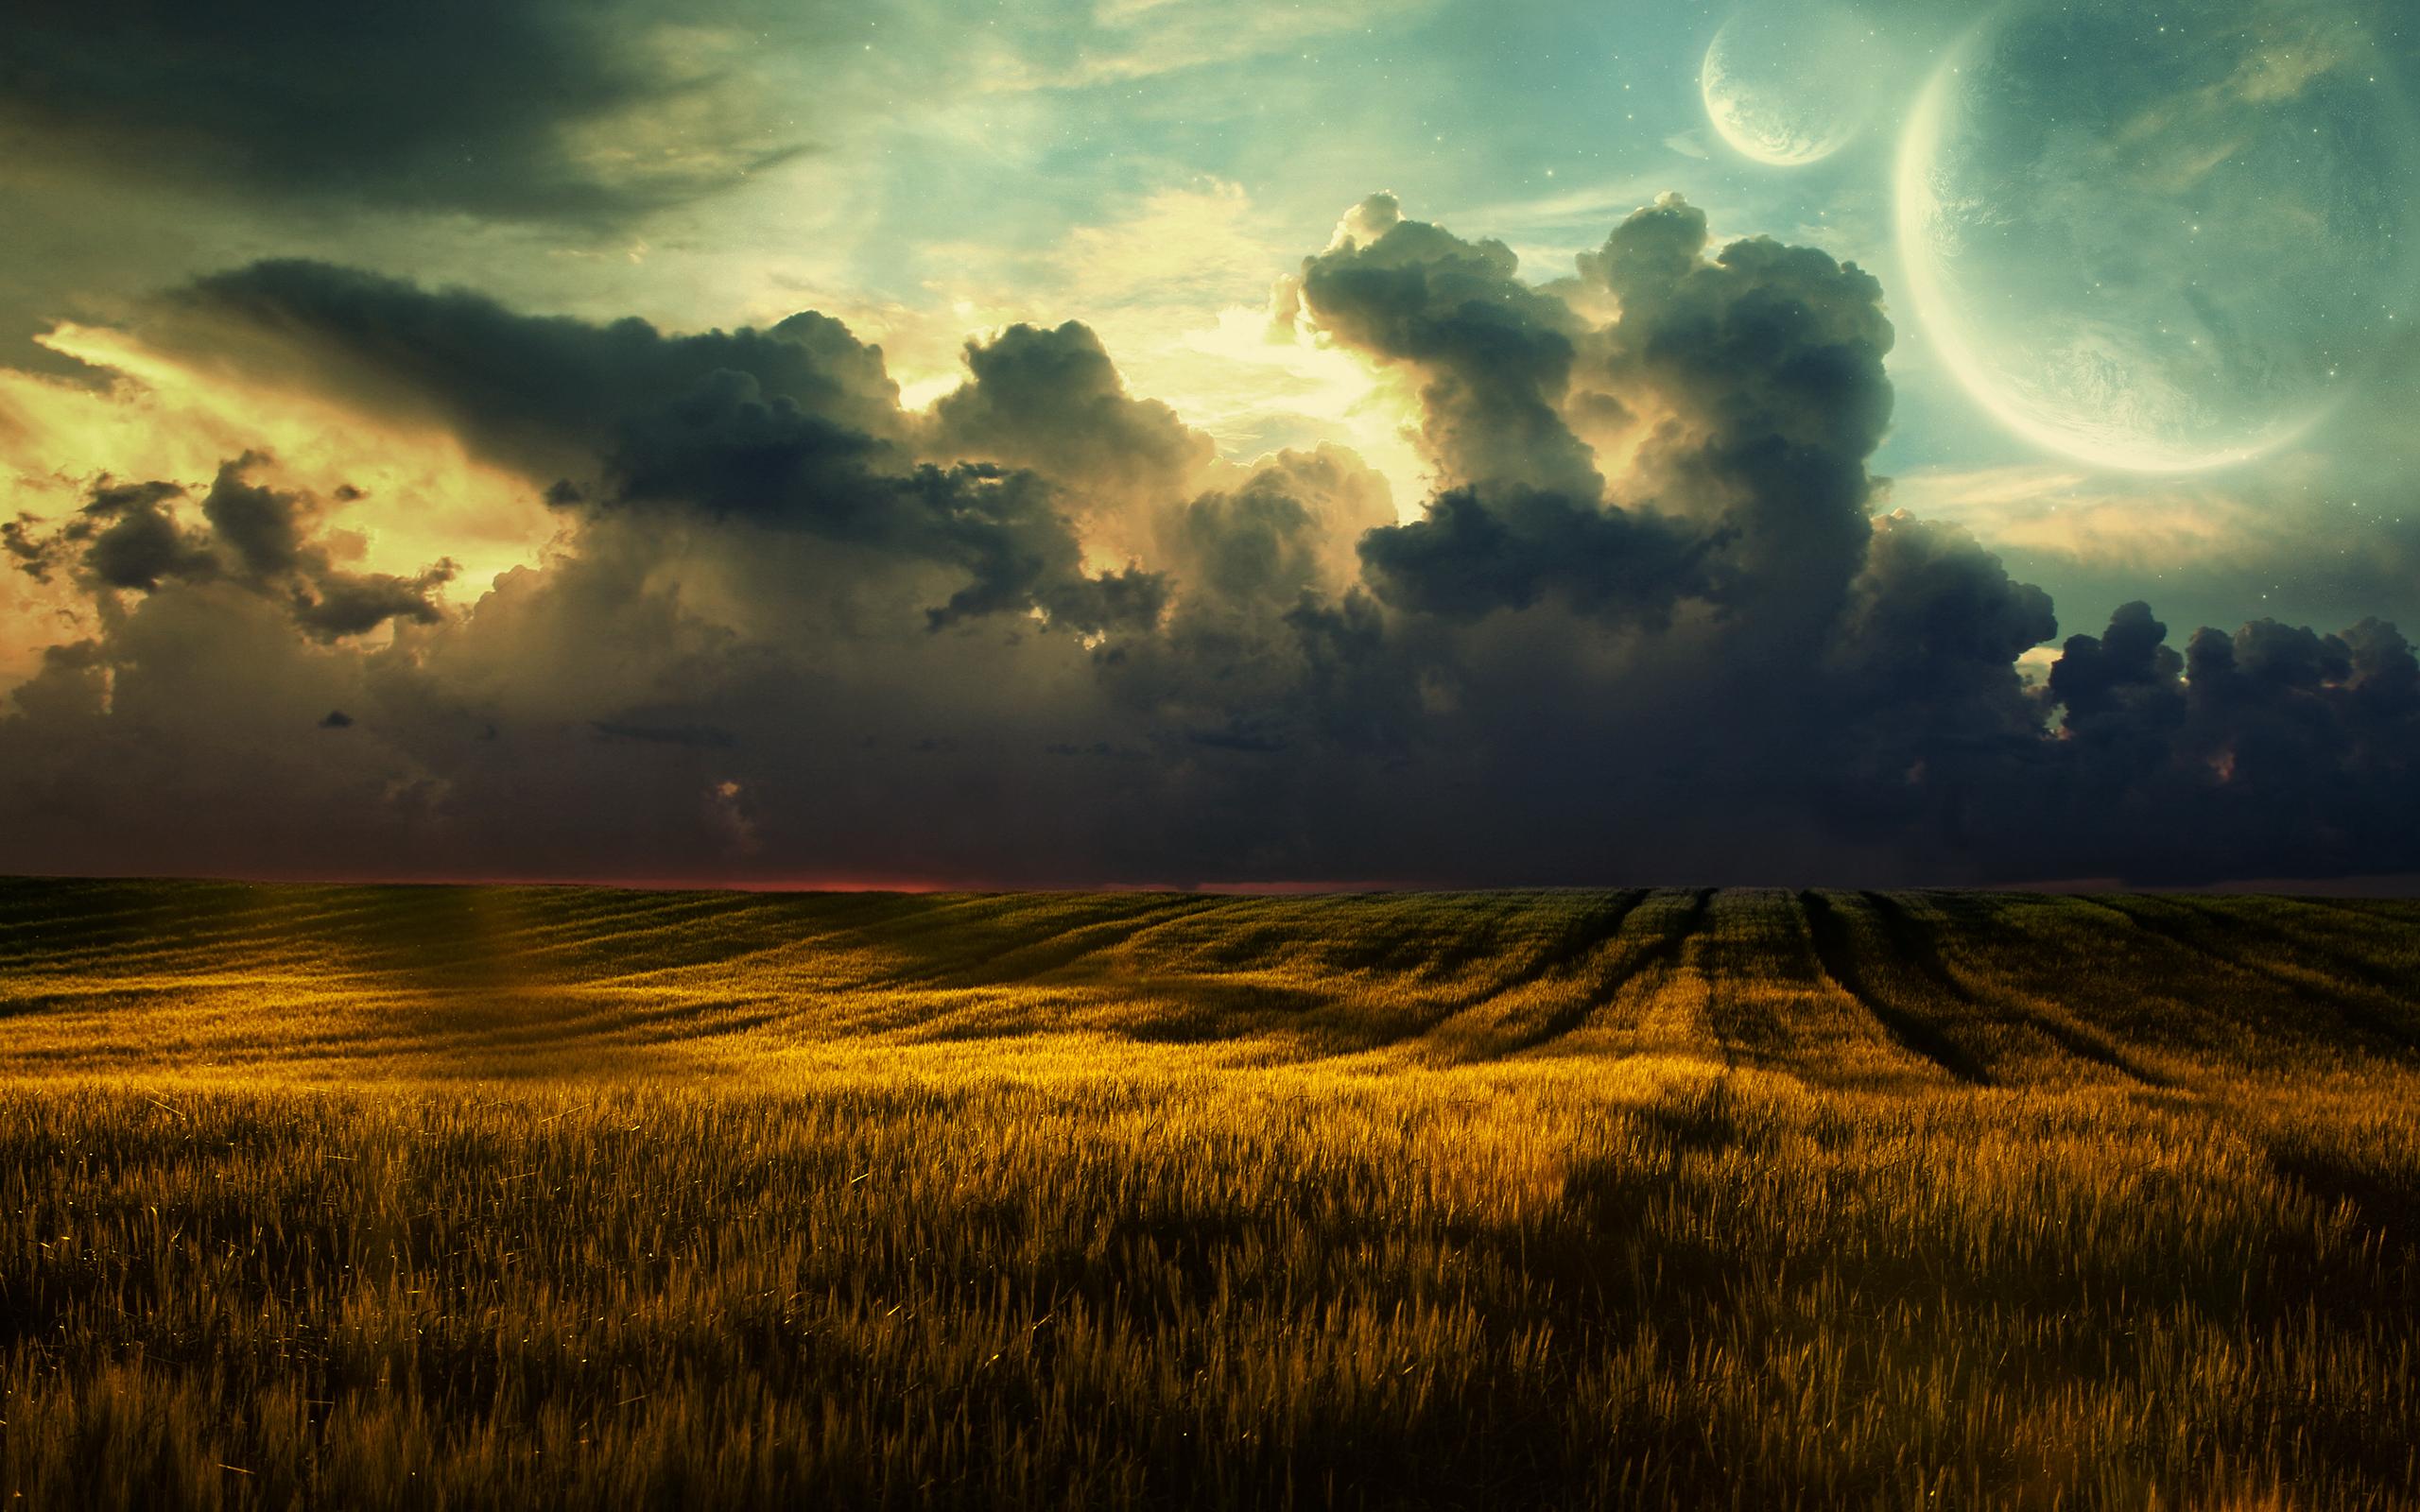 мельница небо поле облака закат загрузить